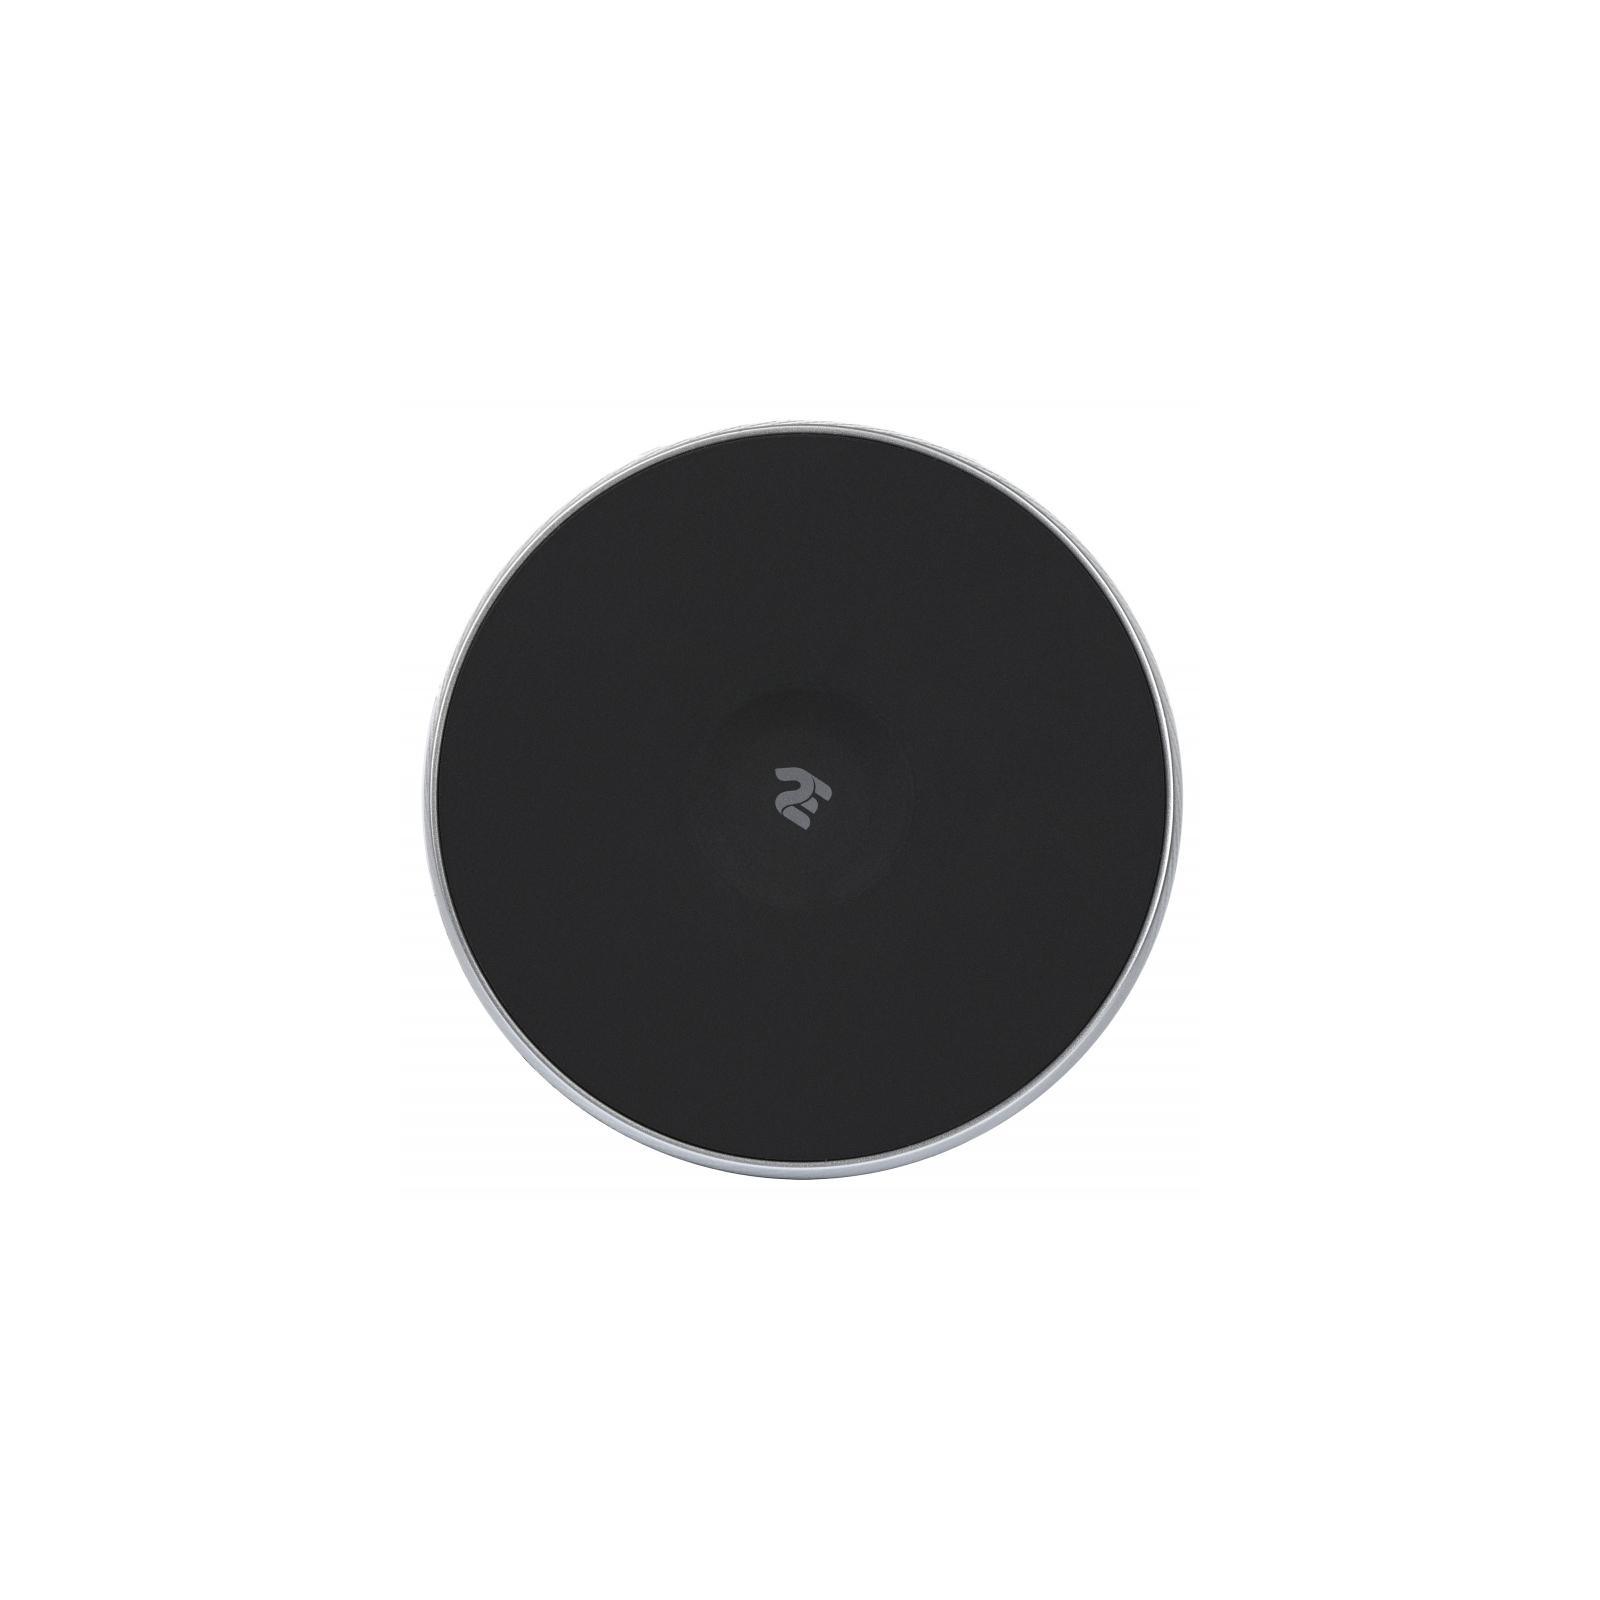 Зарядний пристрій 2E Wireless Charging Pad, 10W, black (2E-WCQ01-02) зображення 2